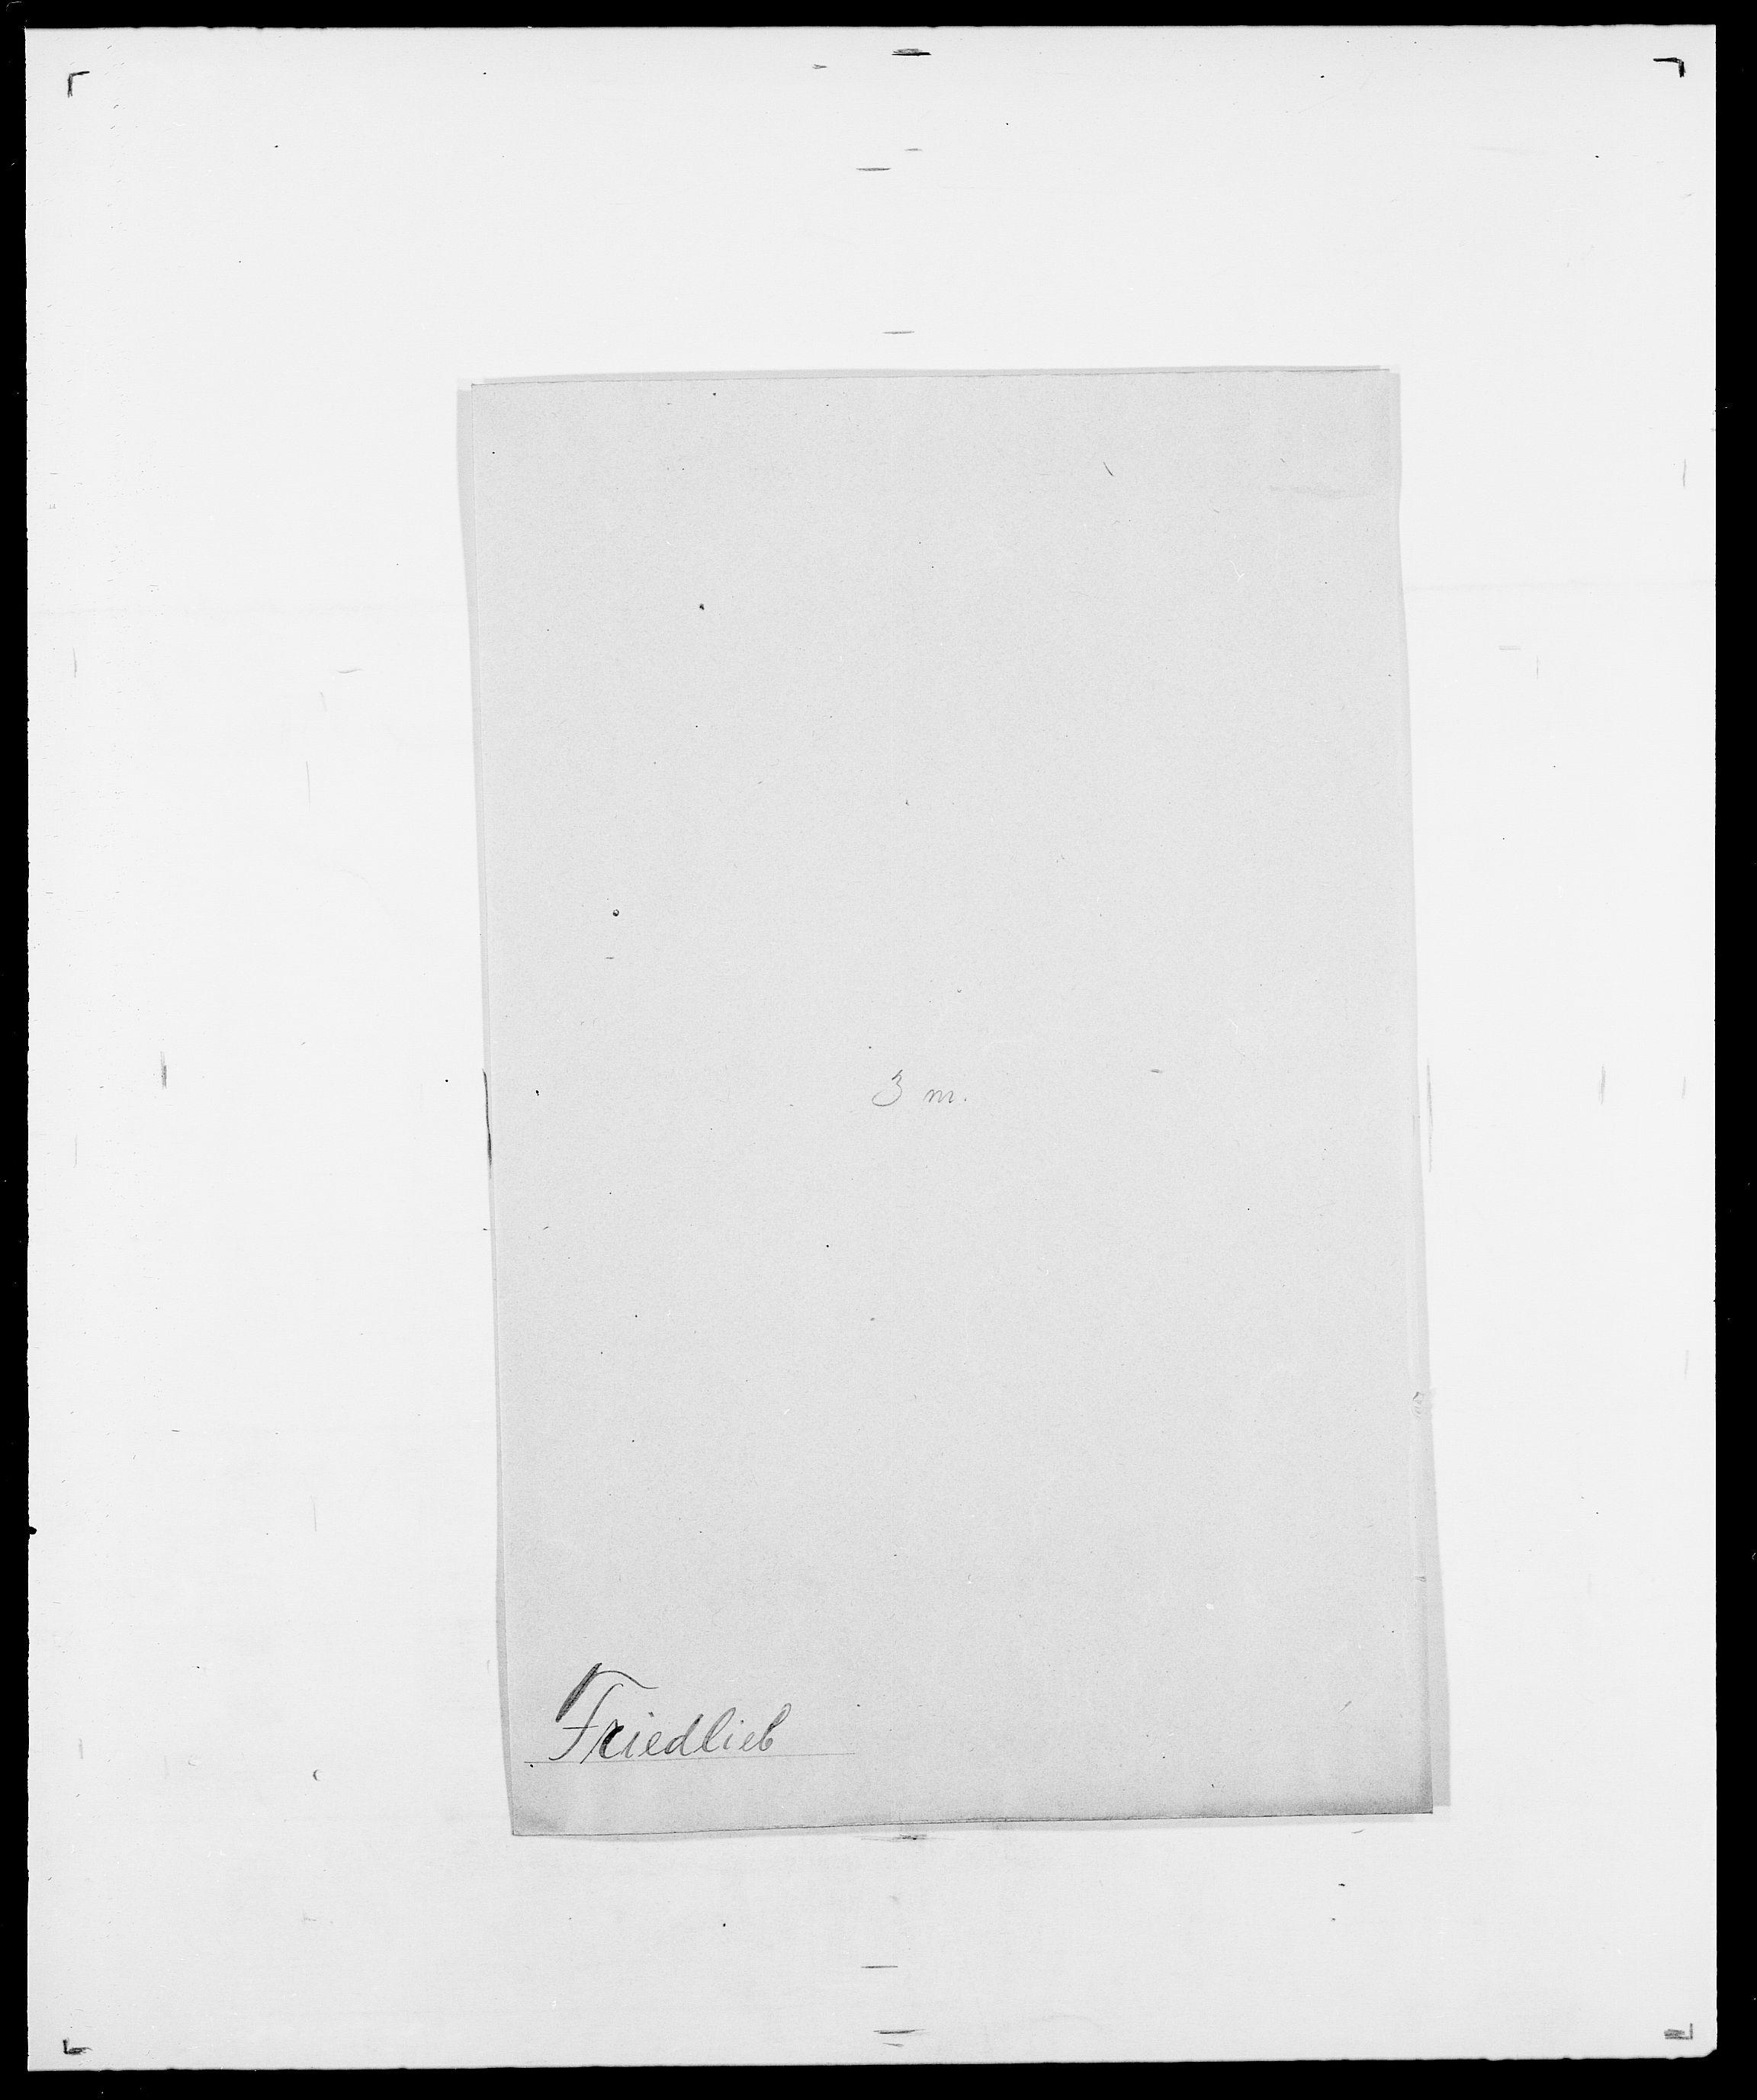 SAO, Delgobe, Charles Antoine - samling, D/Da/L0012: Flor, Floer, Flohr - Fritzner, s. 903